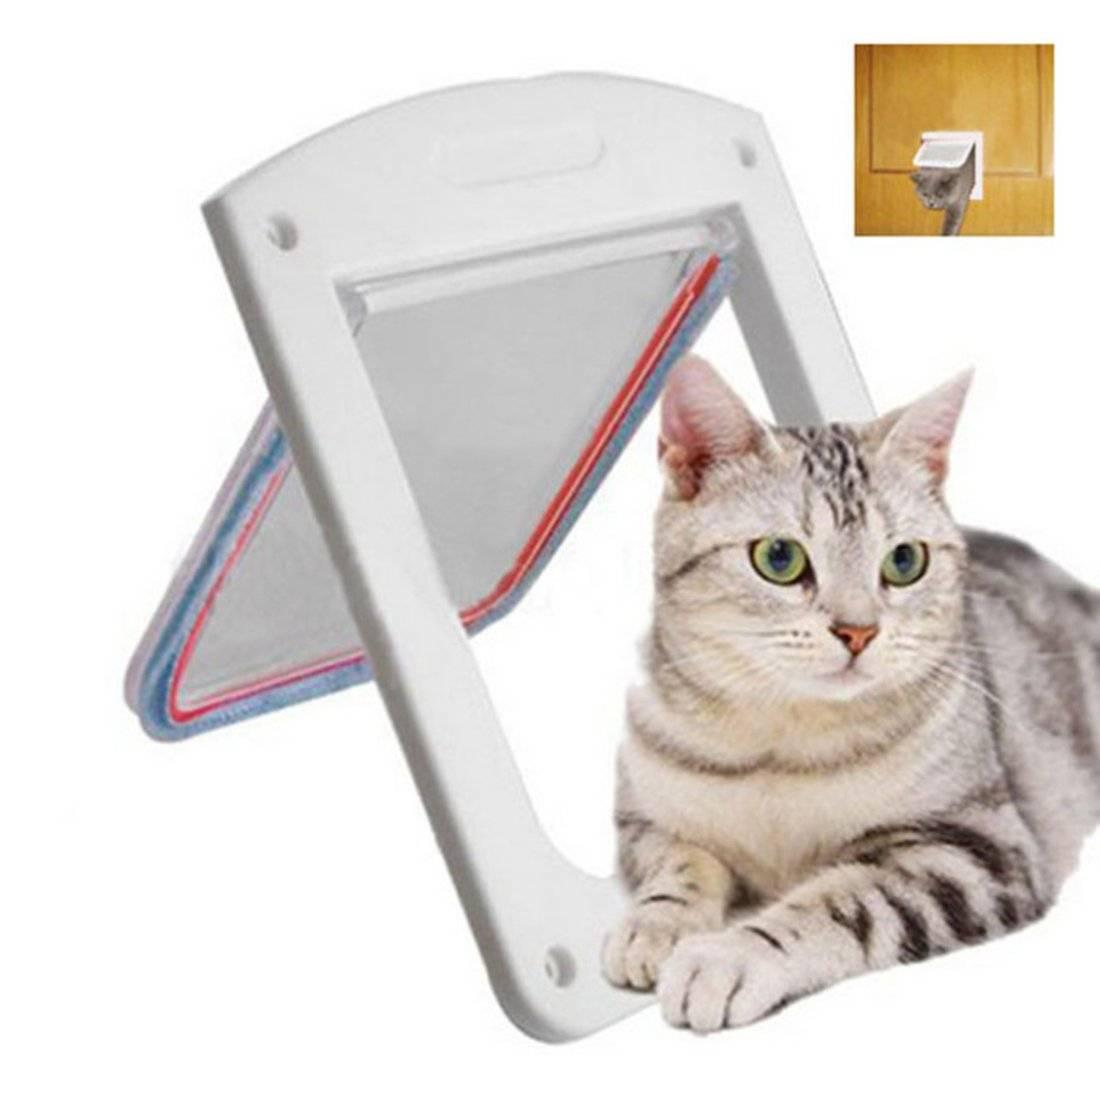 Дверца для кошки: лаз и люк, окошко и другие виды двери для кота. как выбрать подходящий кошачий проход?